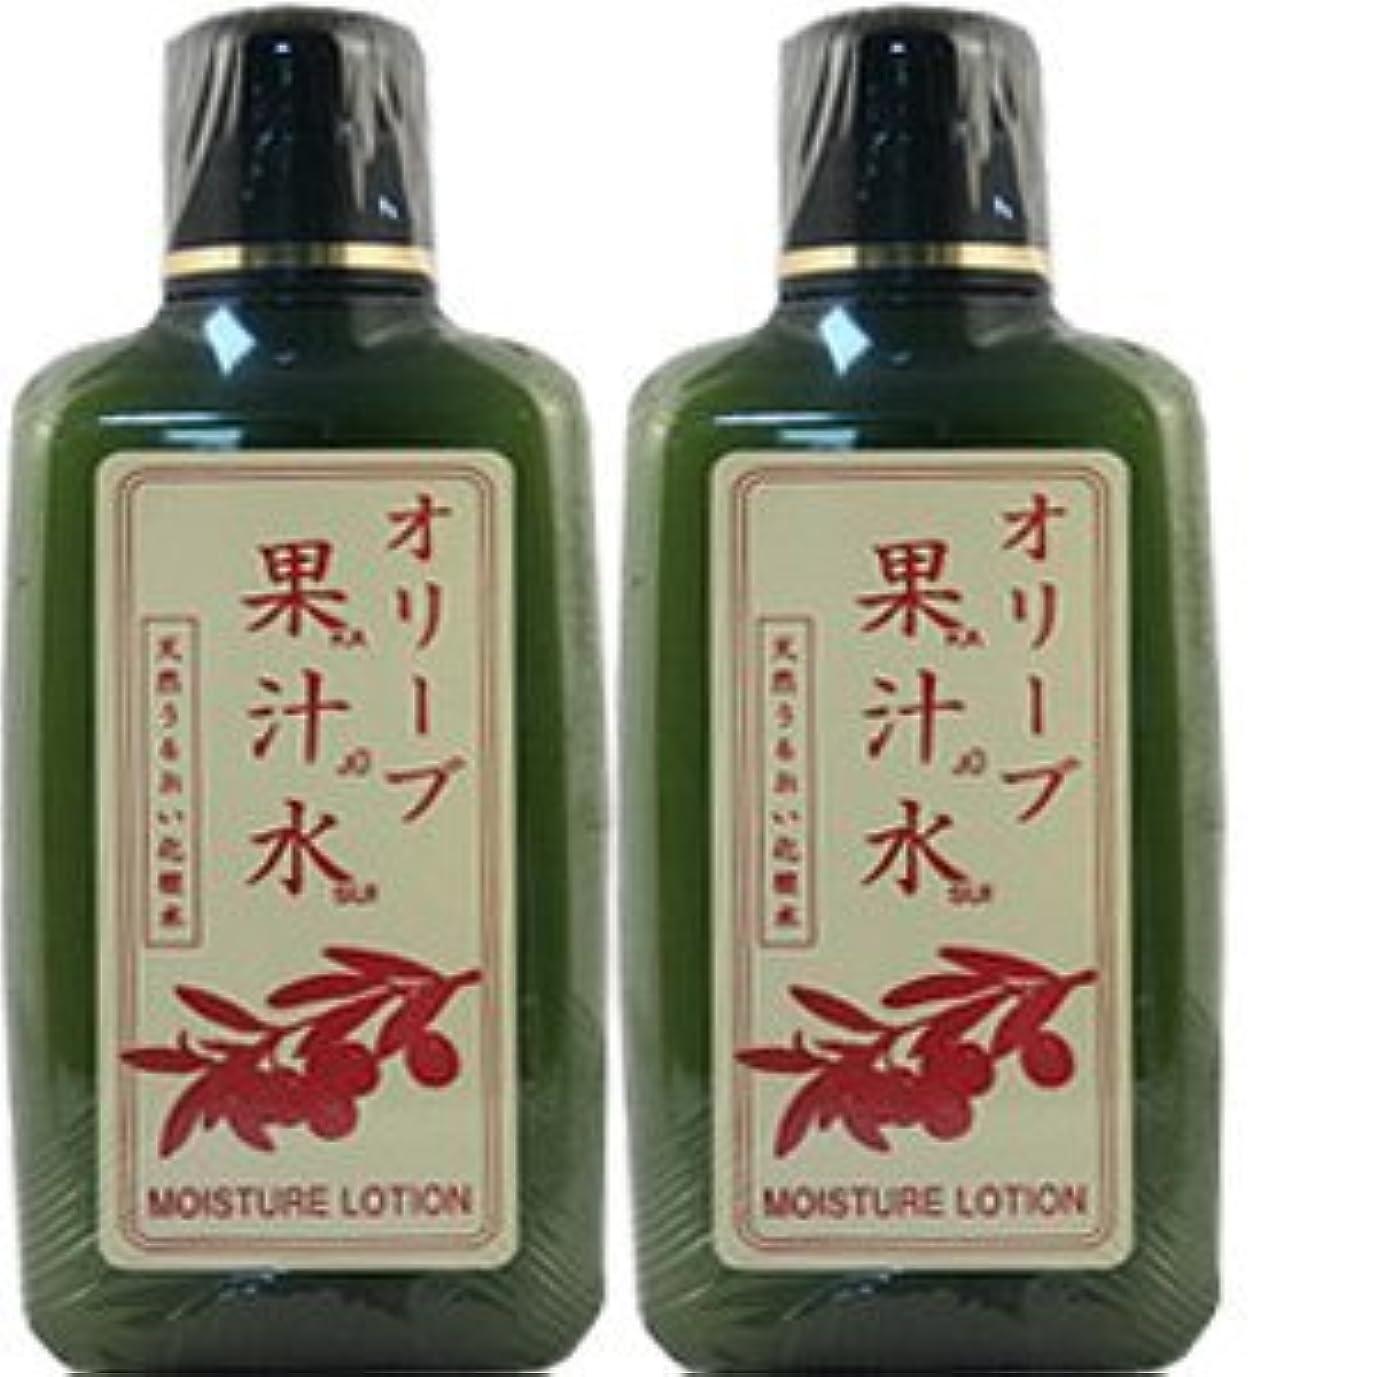 お母さん毒液抑圧【2本】 オリーブマノン オリーブ果汁水 180mlx2個(4965363003982)